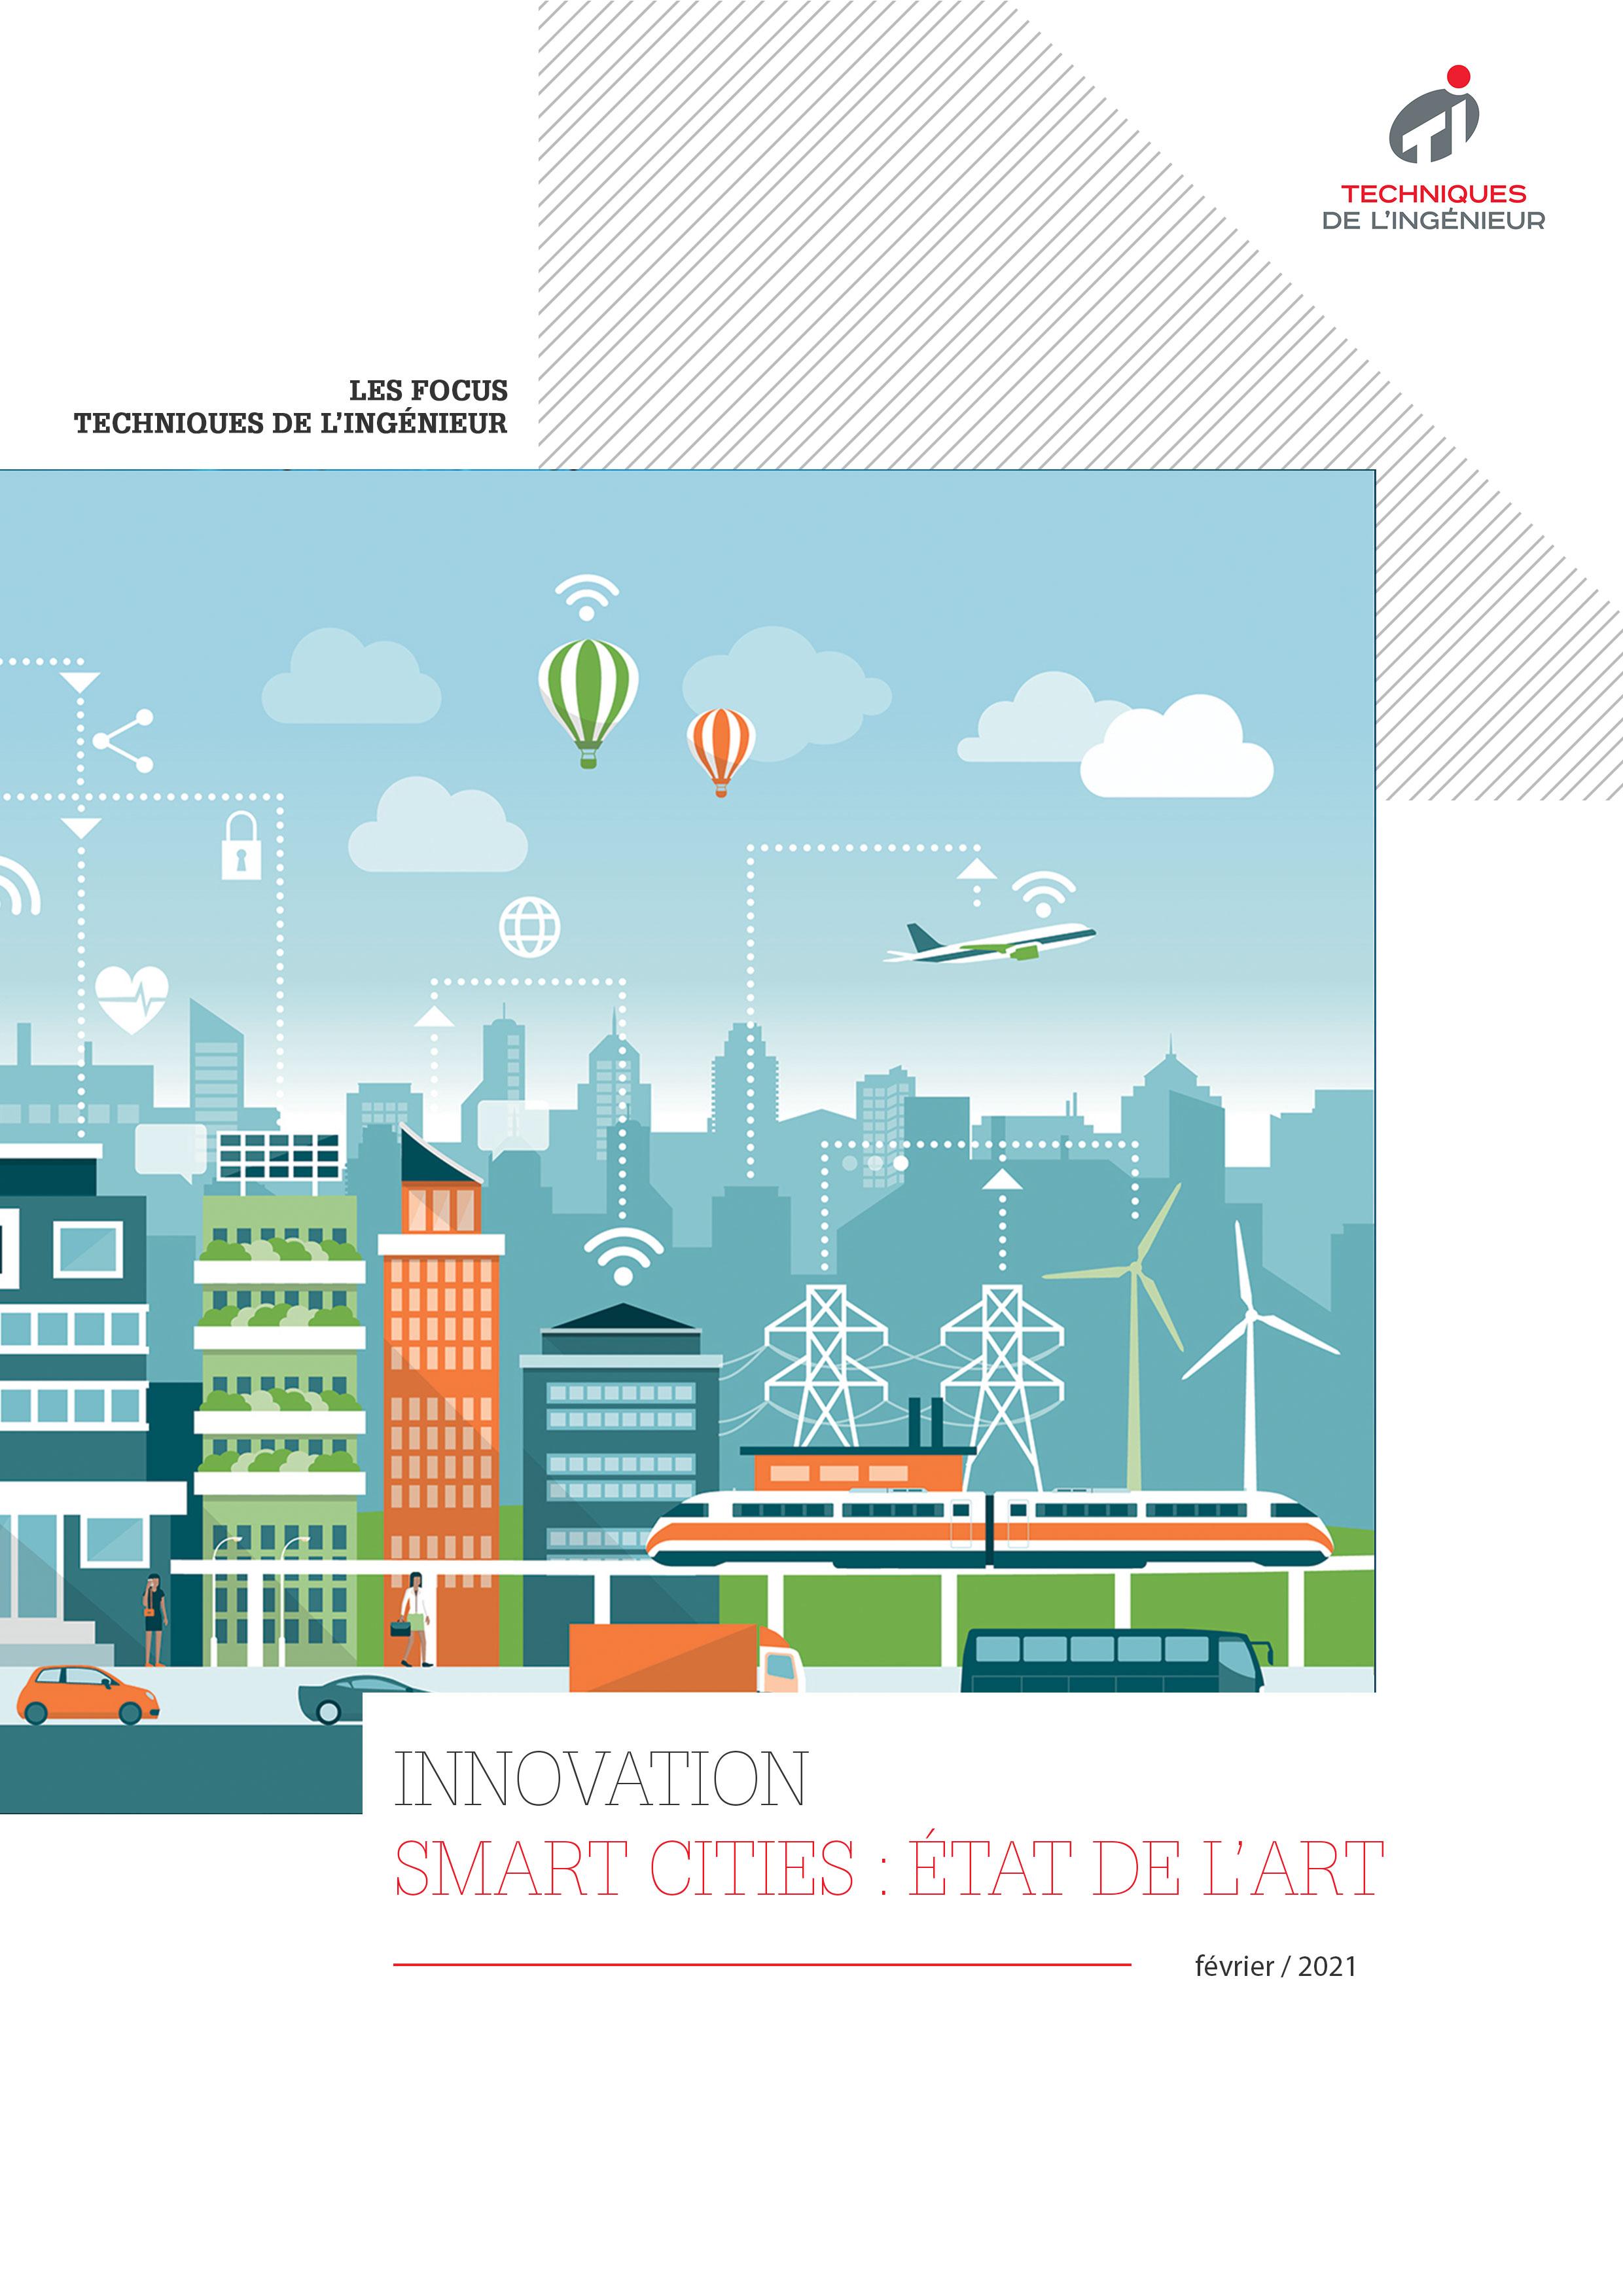 Quelles sont les perspectives pour les smart cities ?